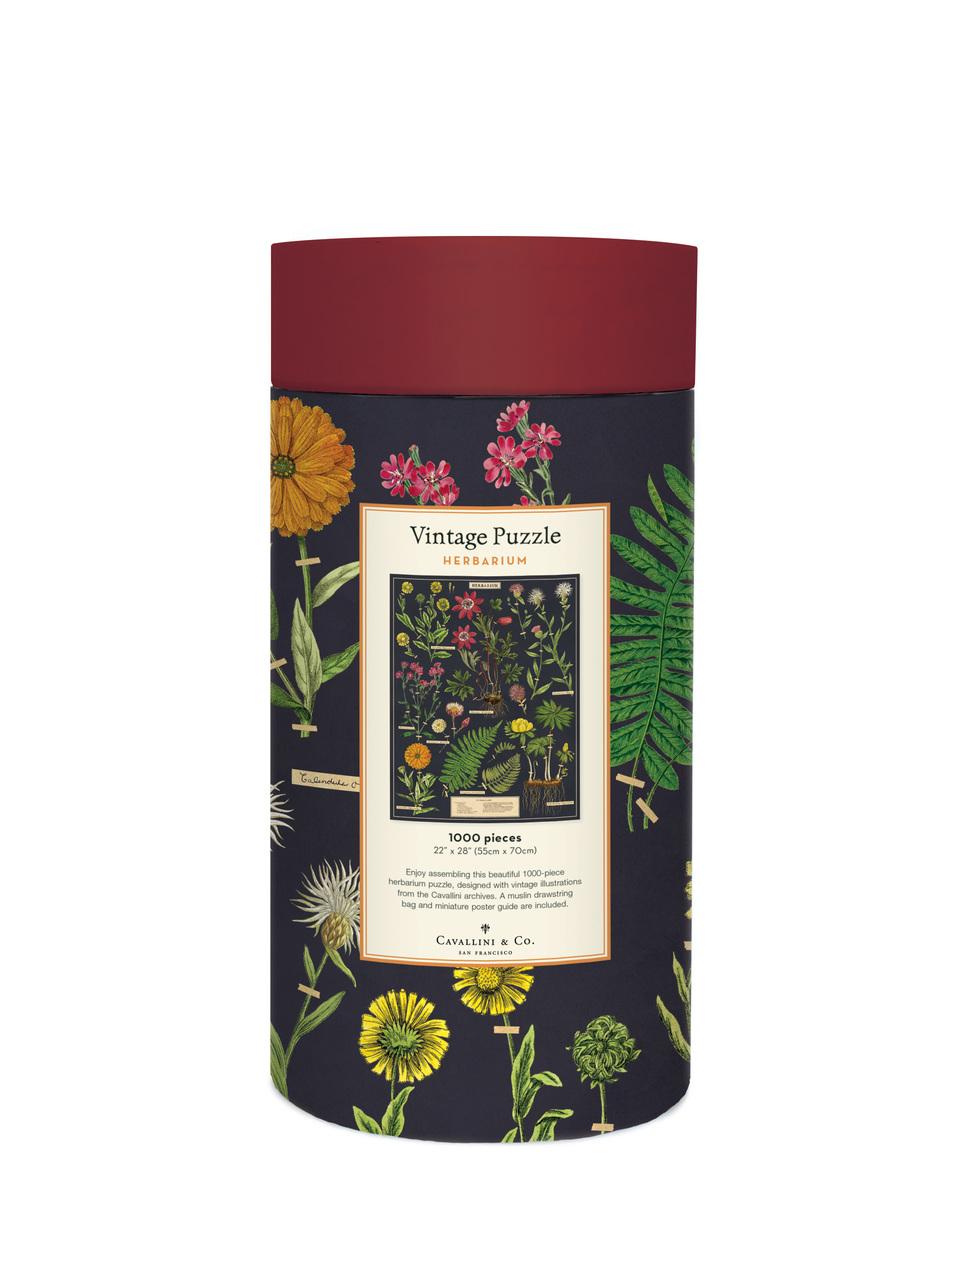 Herbarium Vintage Puzzle image 2